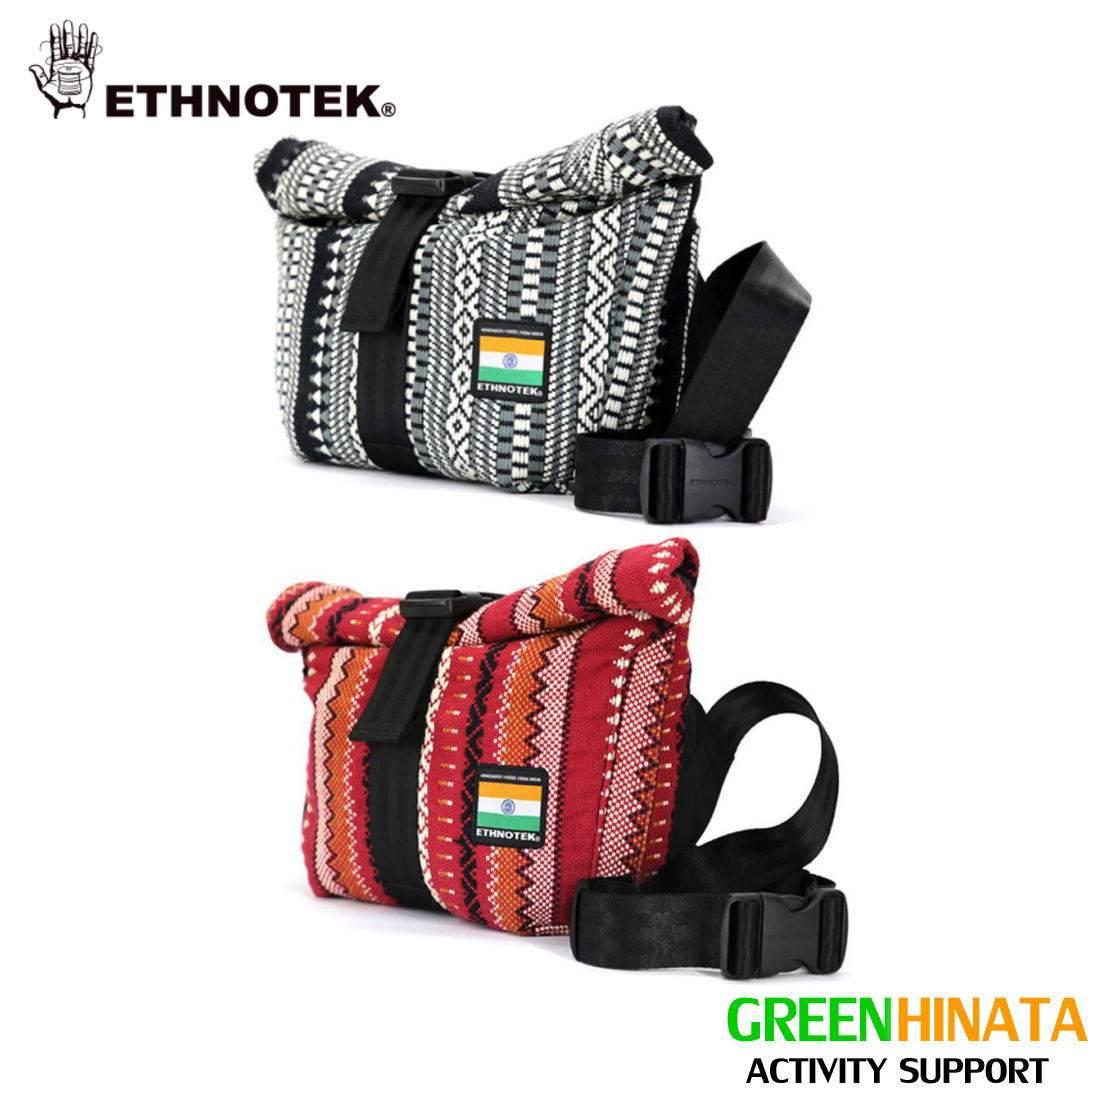 【国内正規品】 エスノテック シクロトラベルスリング バック ETHNOTEK Cyclo Travel Sling India